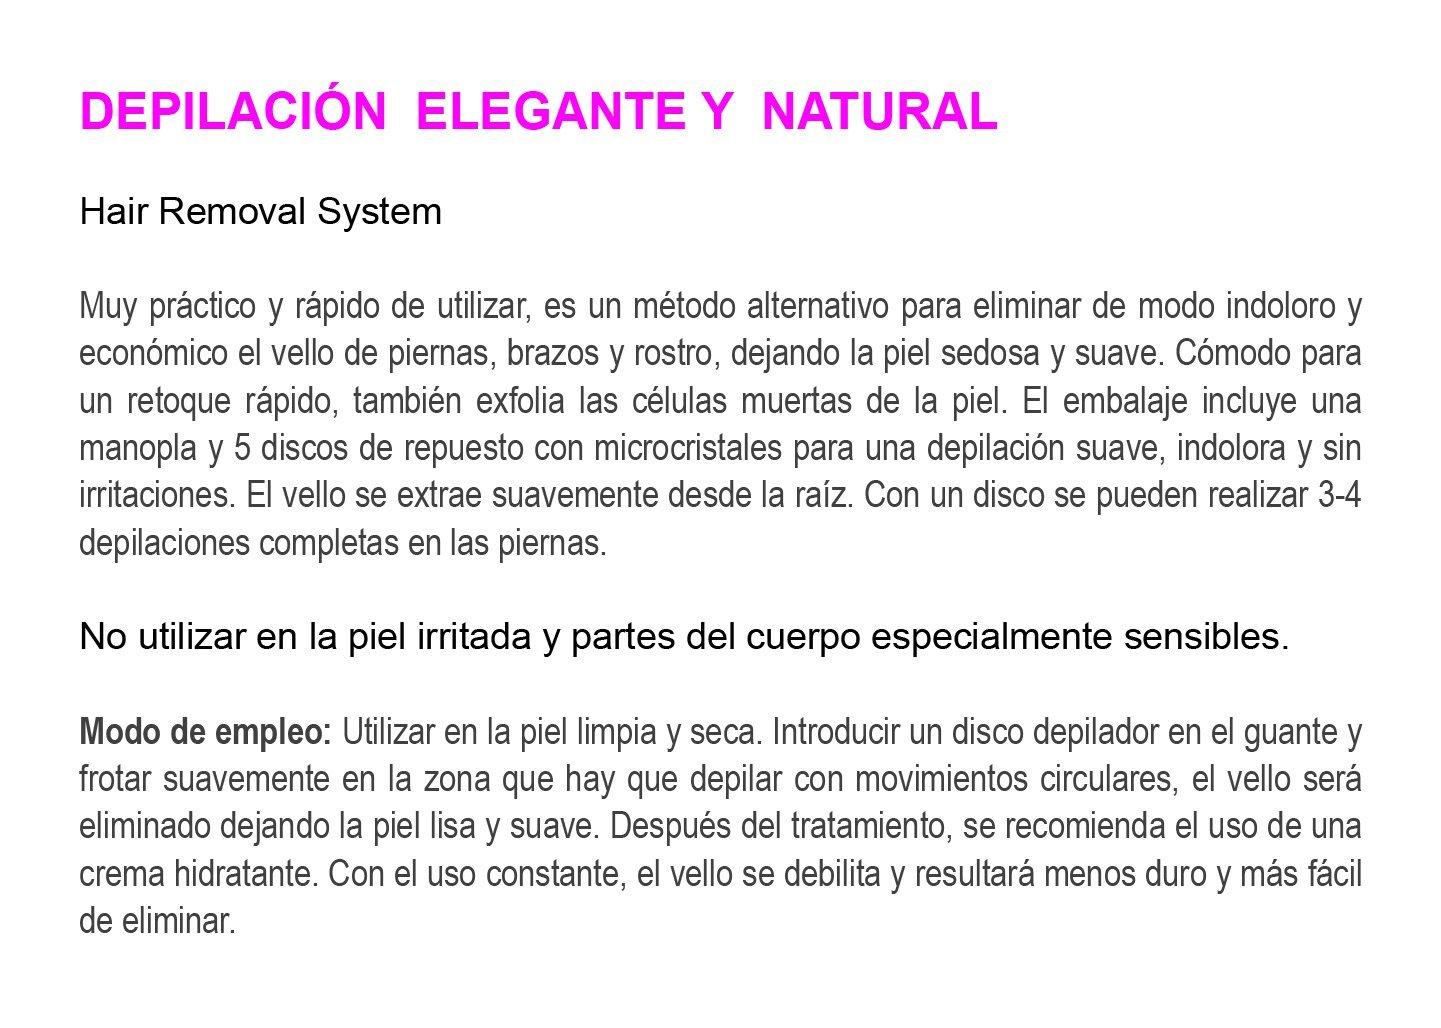 Depilación natural (manopla con 5 discos de recambio): Amazon.es: Salud y cuidado personal